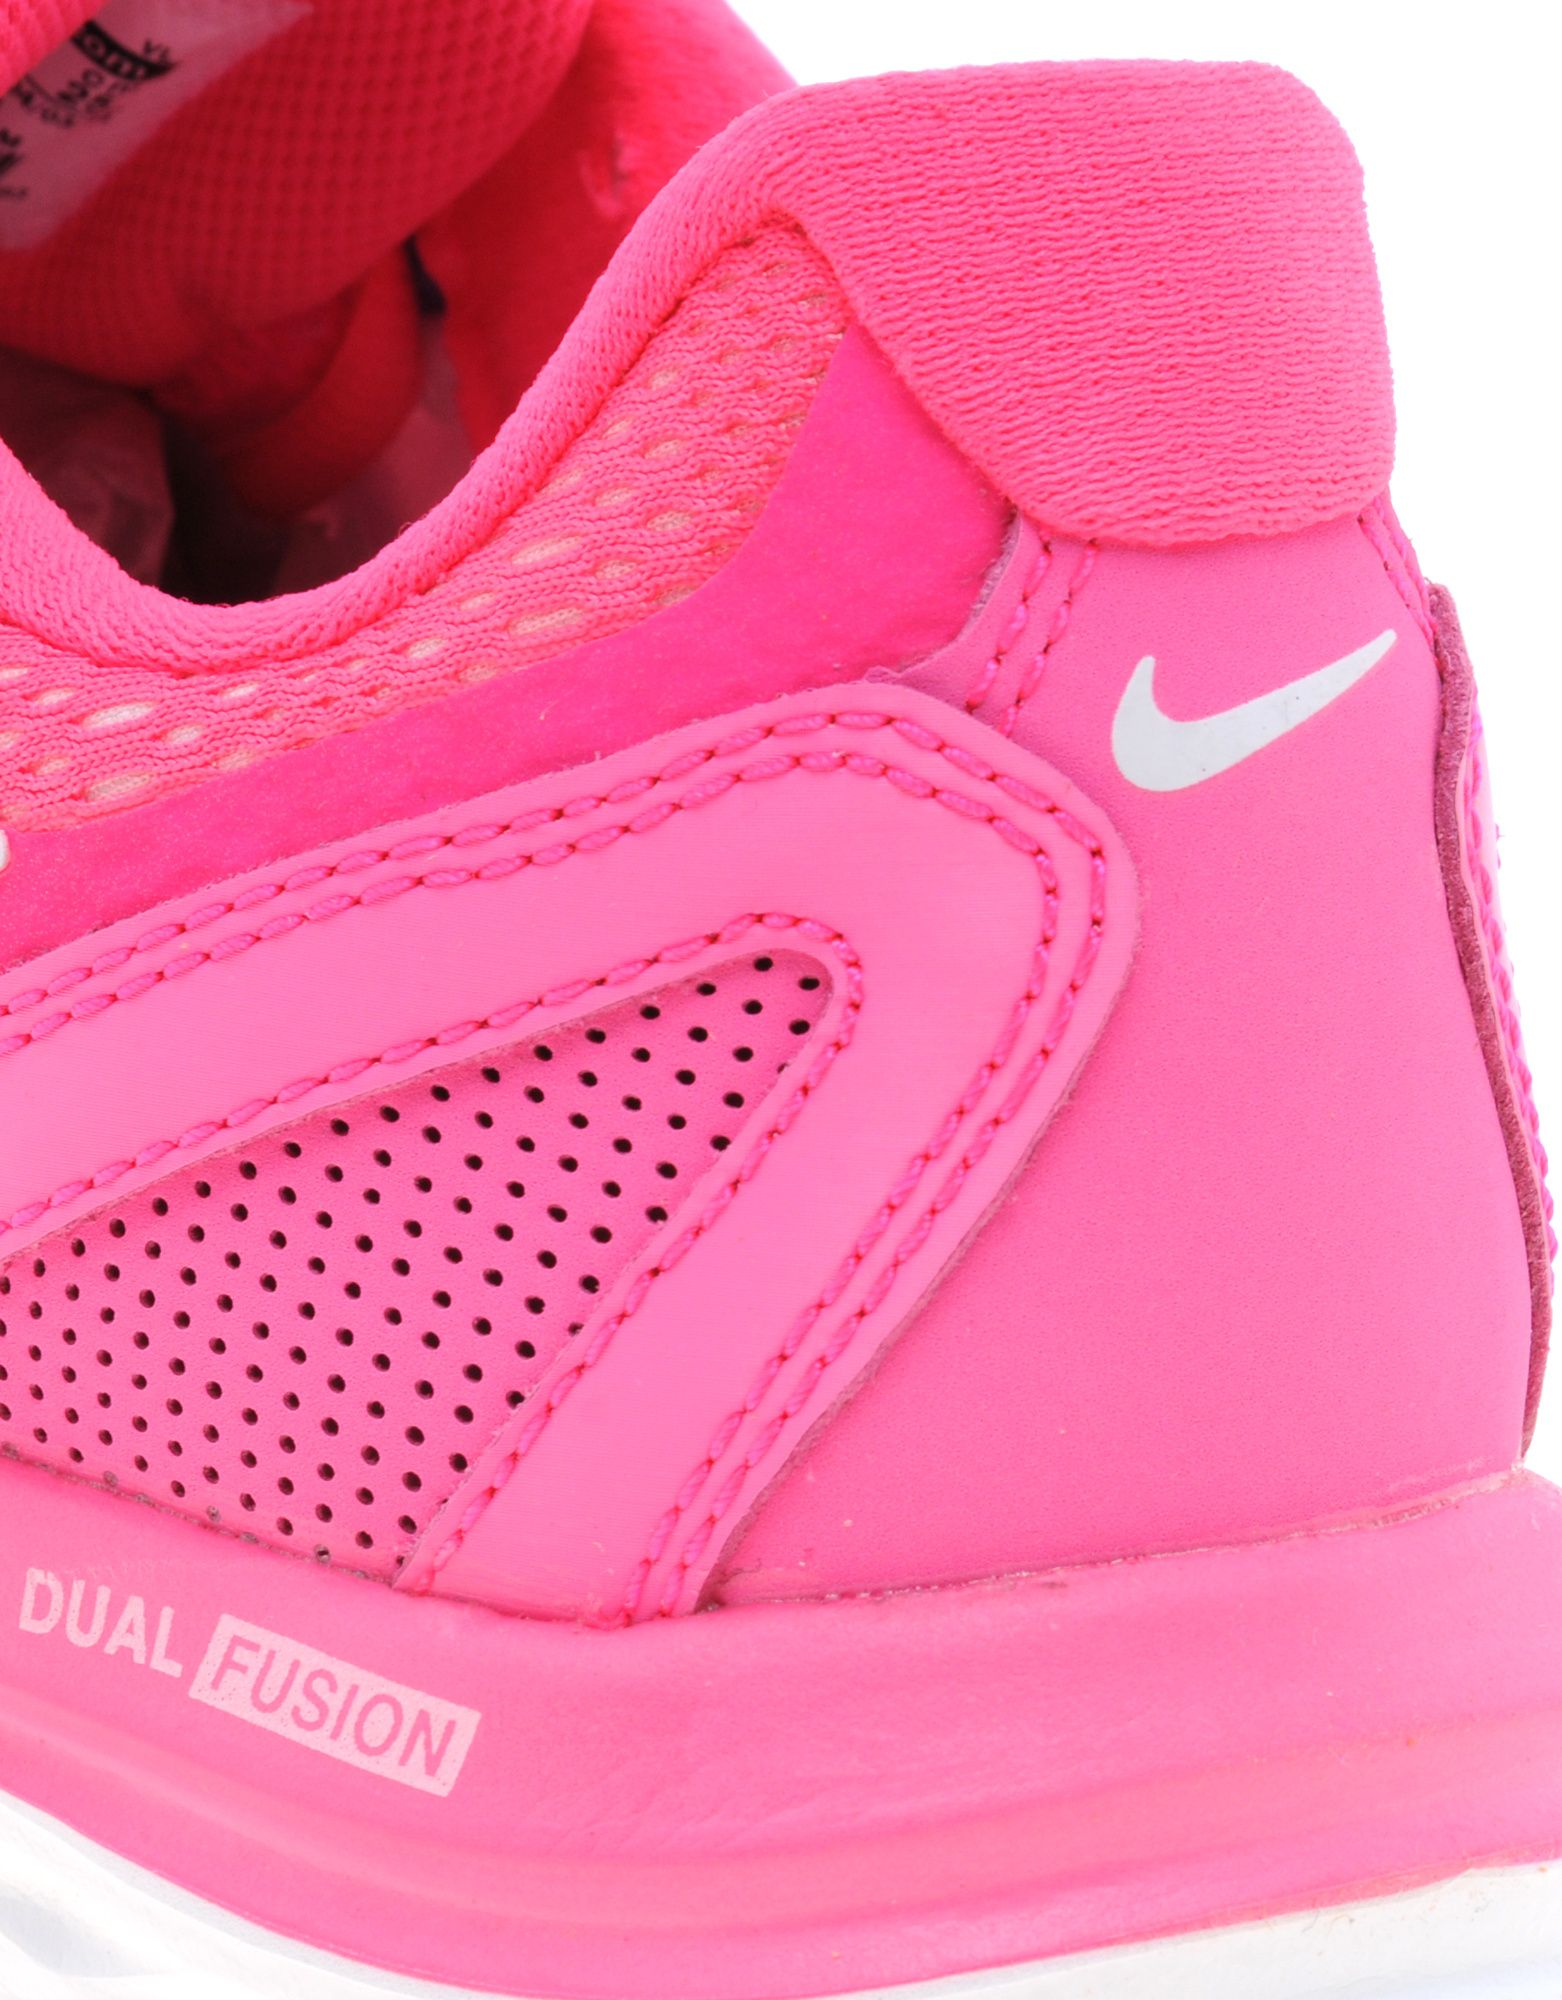 Nike Dual Fusion